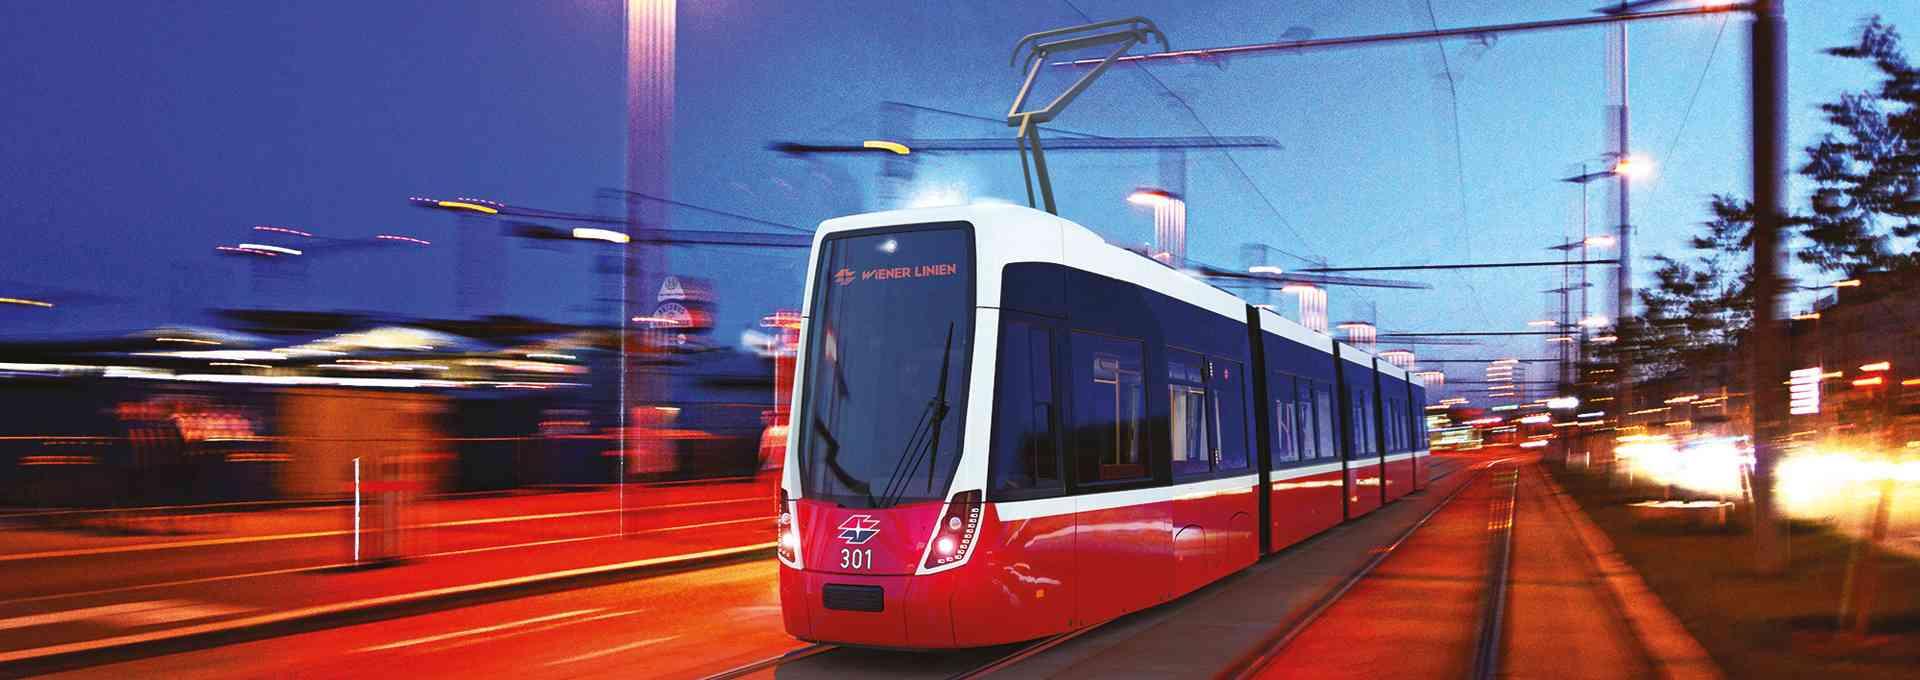 Die neue Bim für Wien ist modern und trotzdem im bekannten lieb gewonnenen Wiener Straßenbahn-Design gehalten